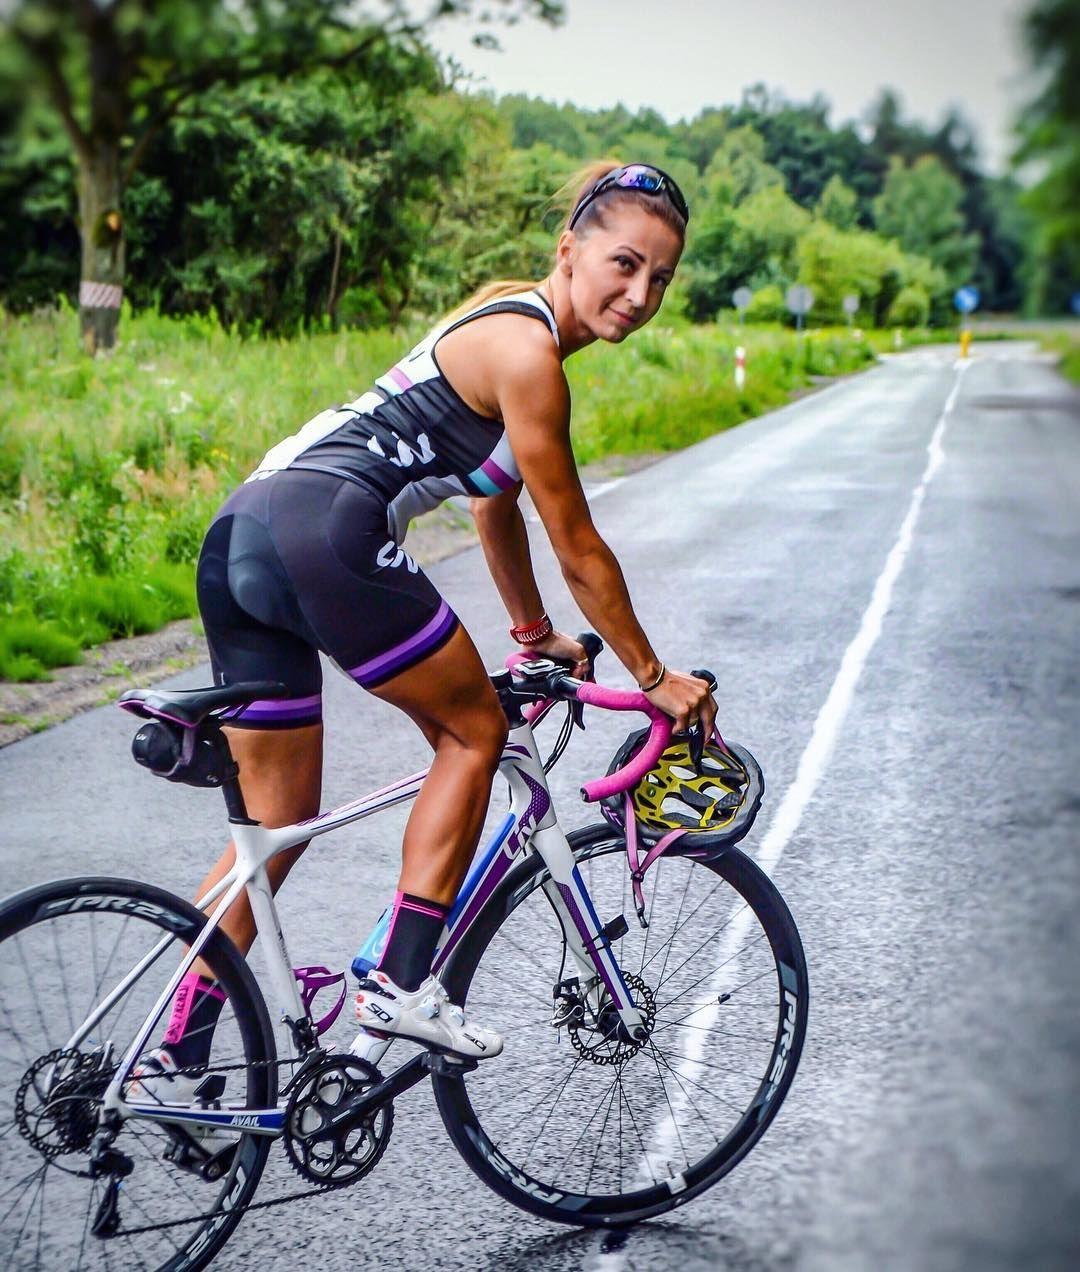 Bild könnte enthalten: 1 Person, fährt Fahrrad, Fahrrad